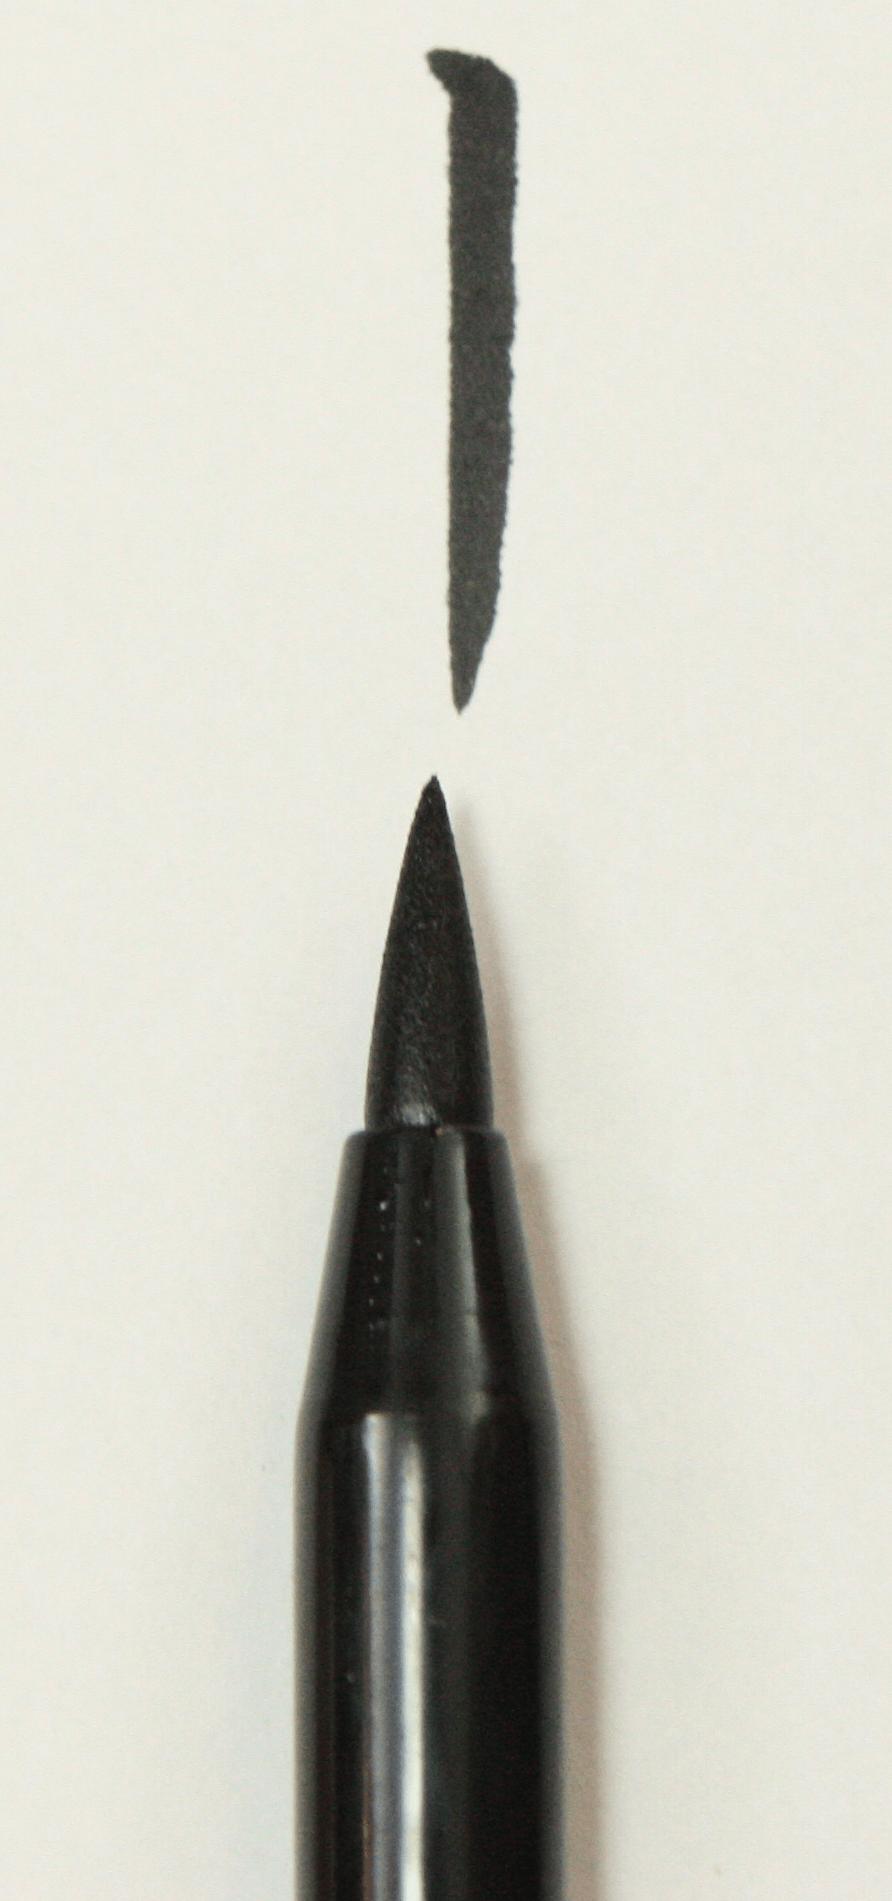 軟筆タイプ